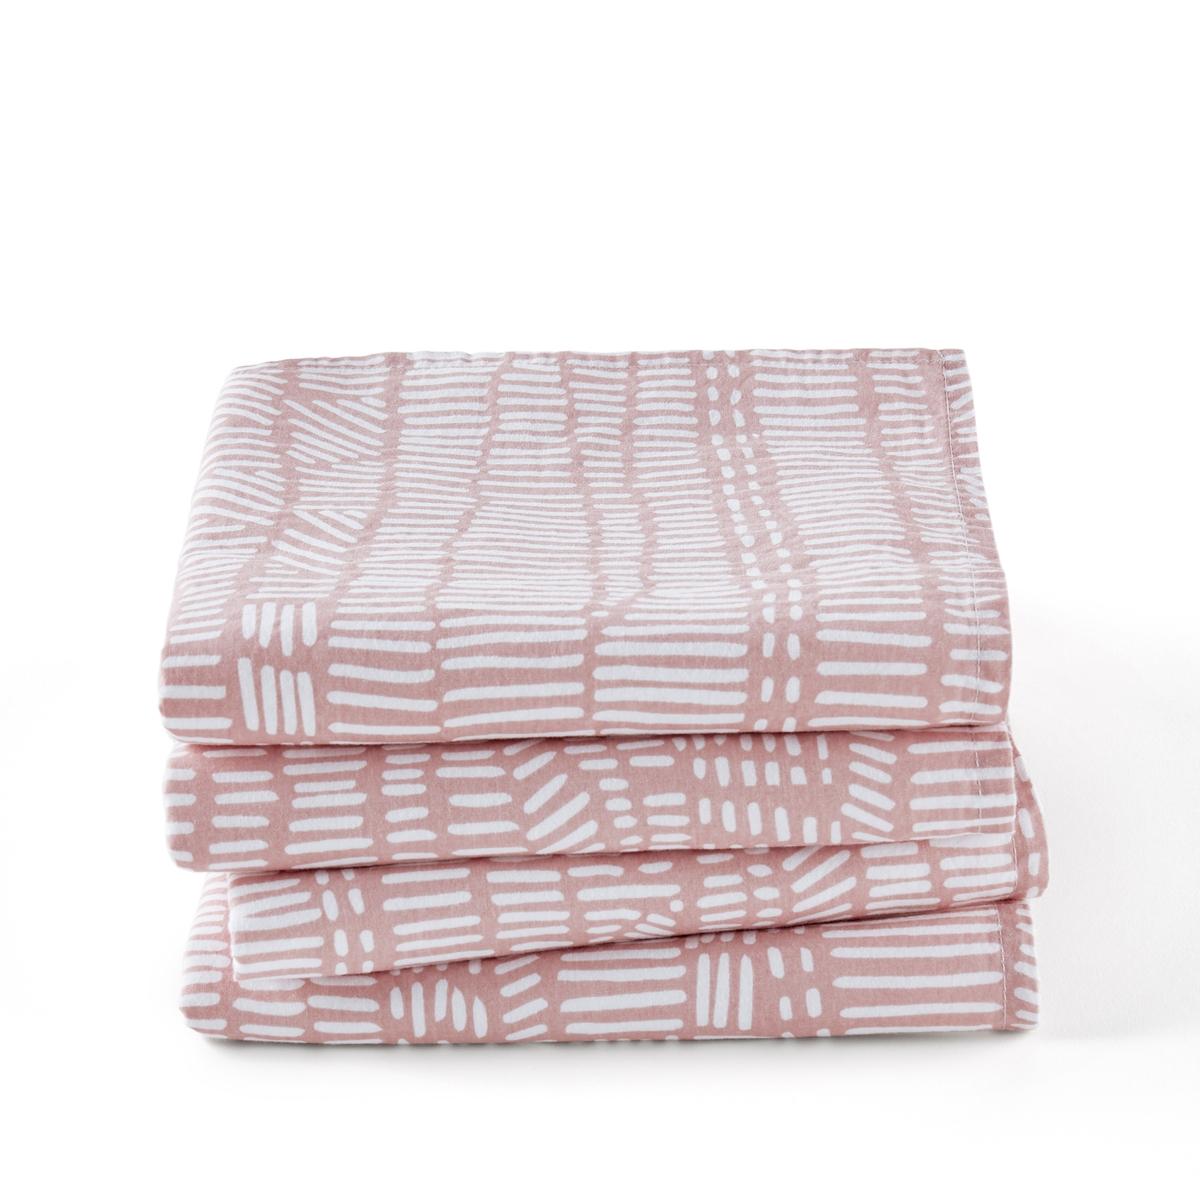 цена Комплект из салфеток из La Redoute Стираного хлопка Tamao 45 x 45 см розовый онлайн в 2017 году